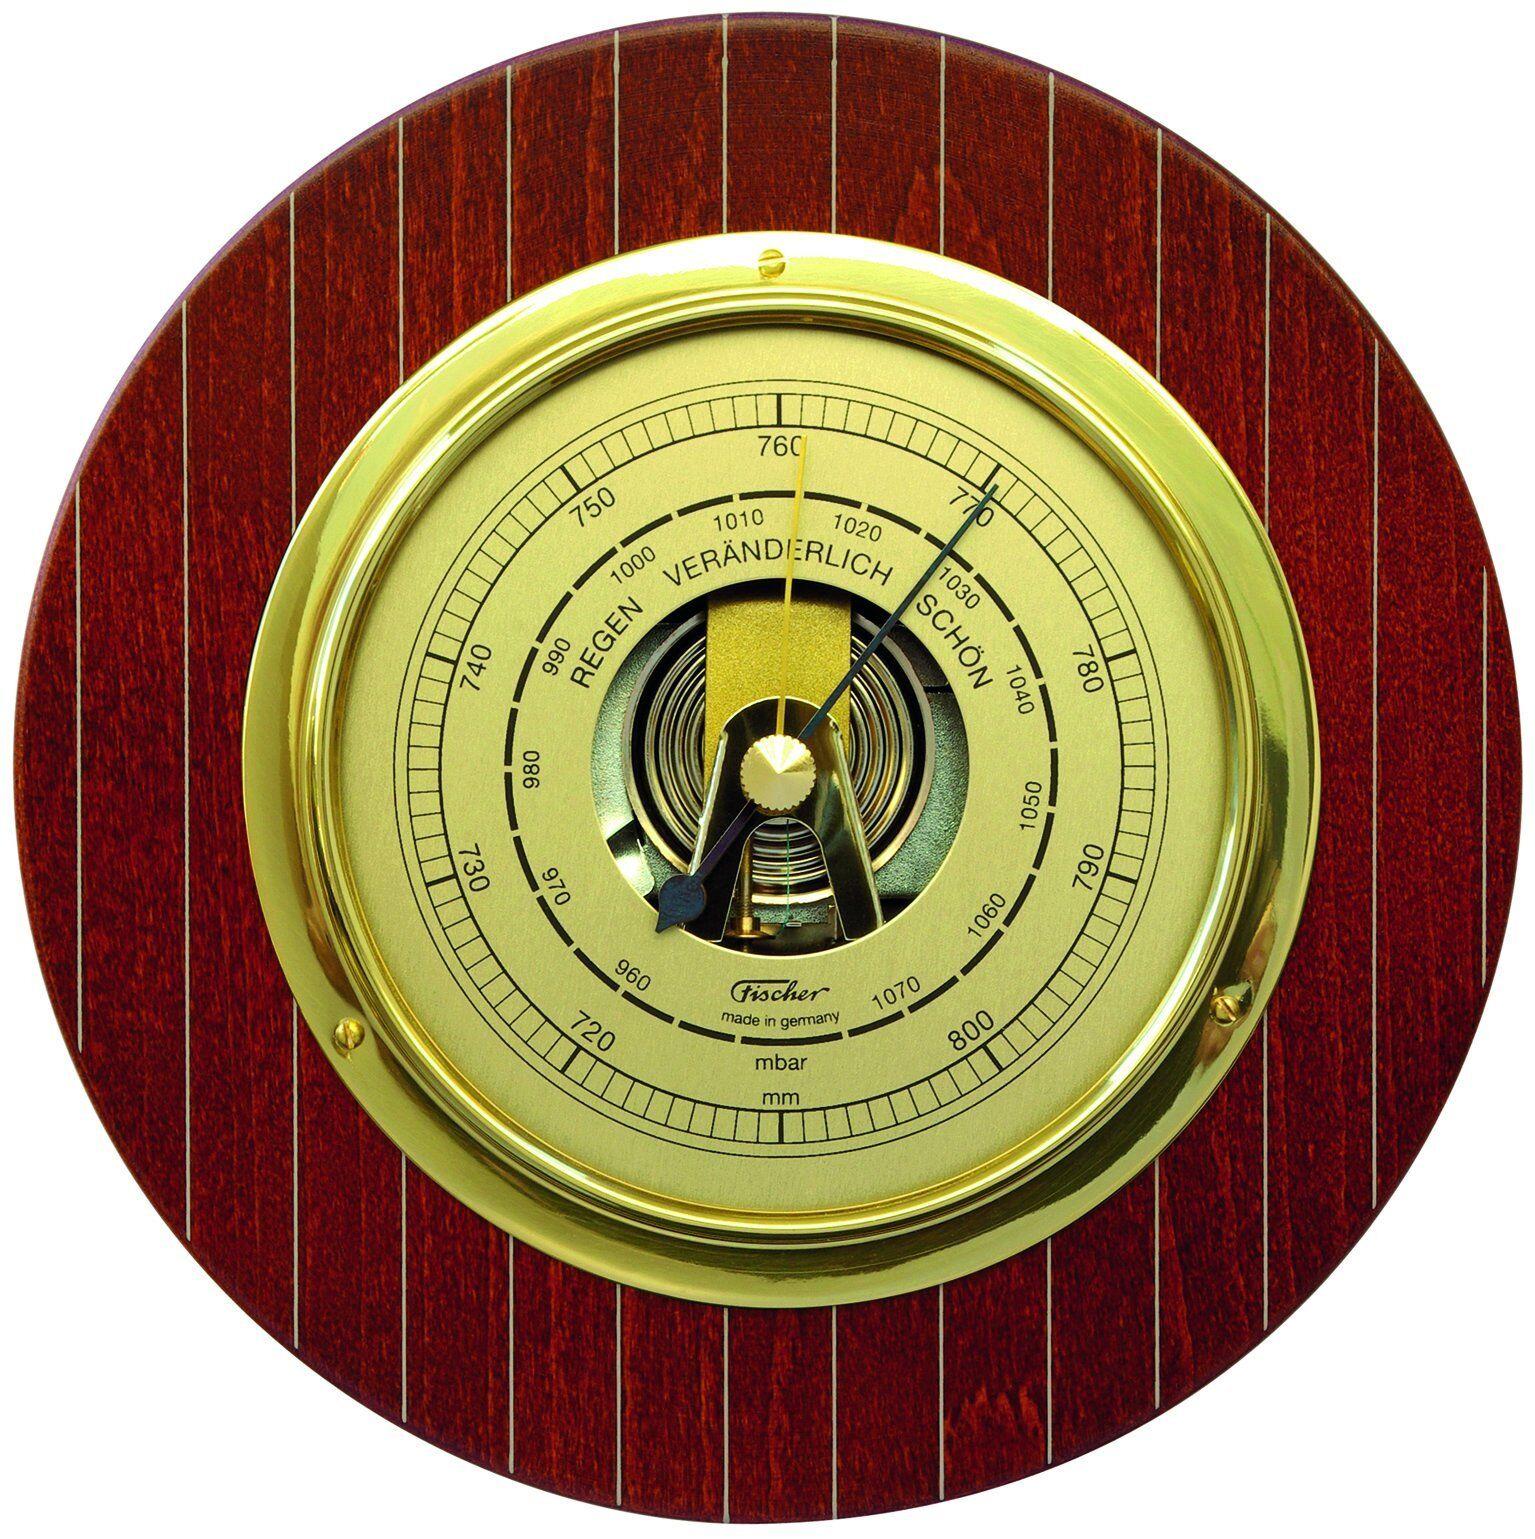 Fischer barómetro para interior, caoba, 1310-22-UKPantalonesUkTalla10